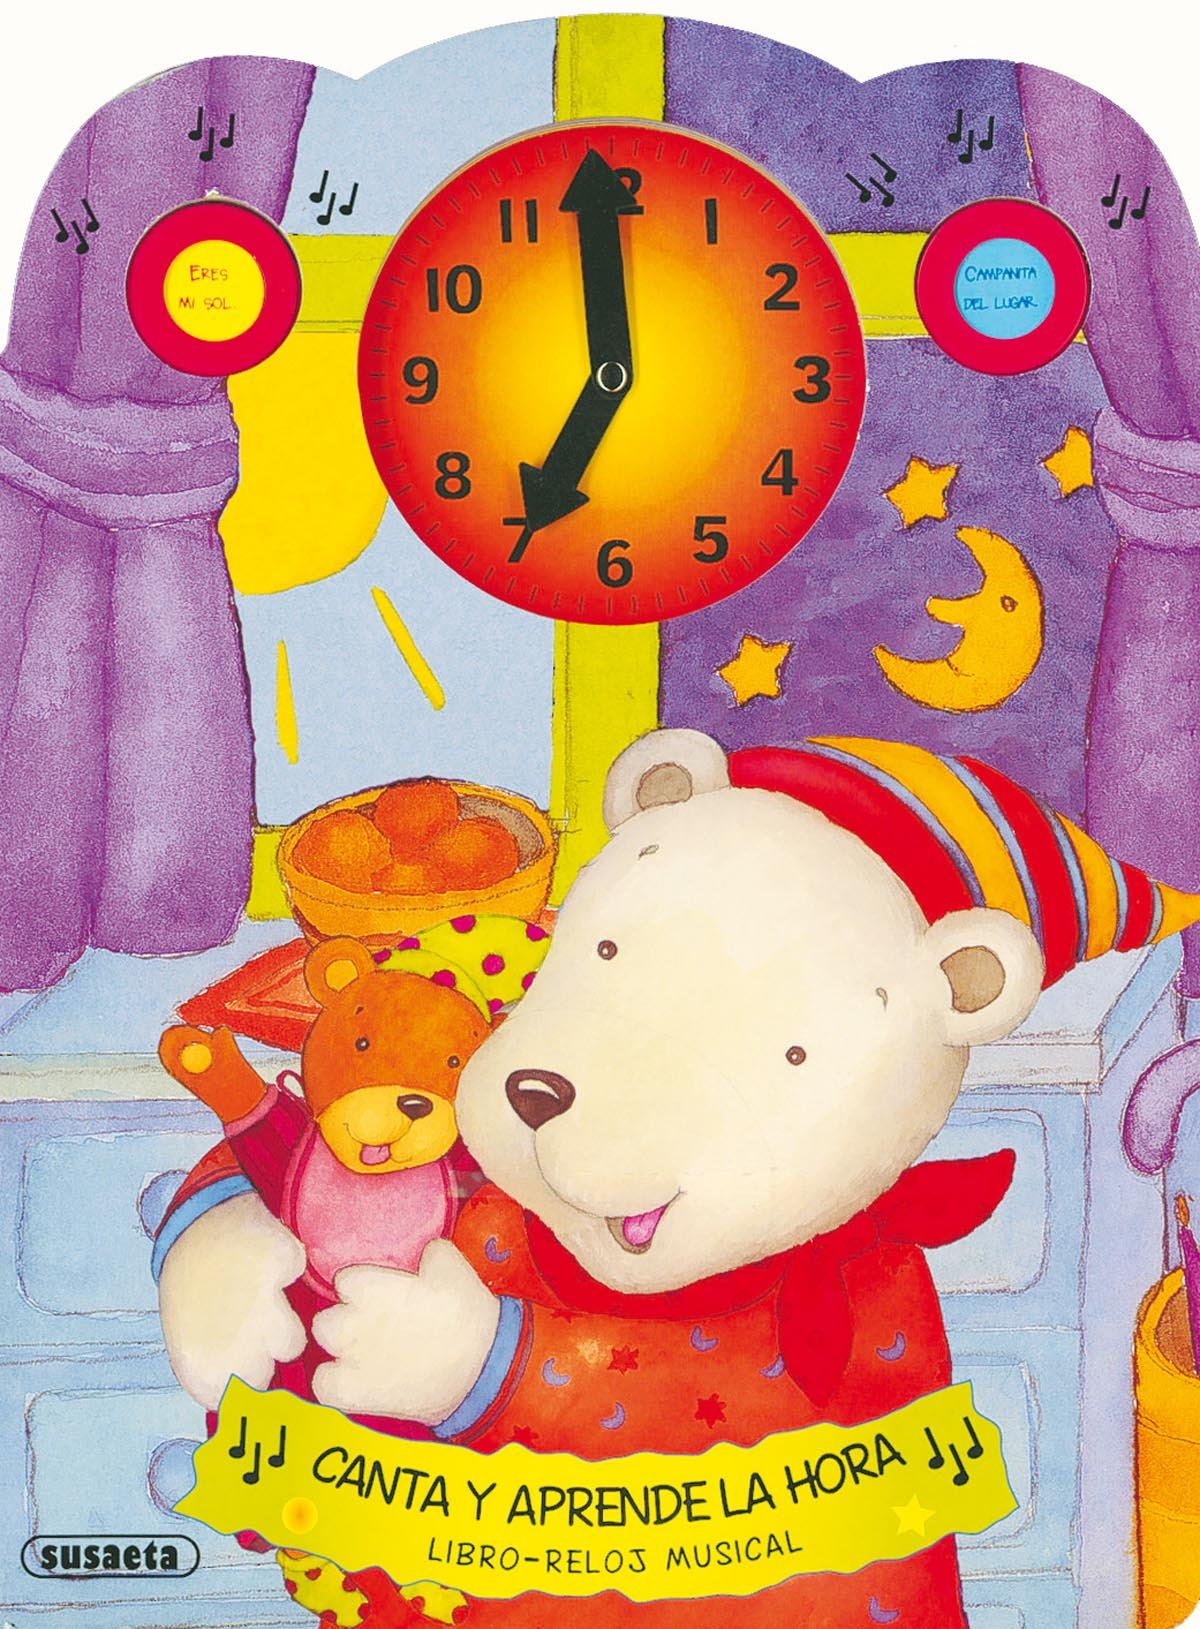 Canta y aprende la hora, libro-reloj musical (Spanish) Paperback – 2013